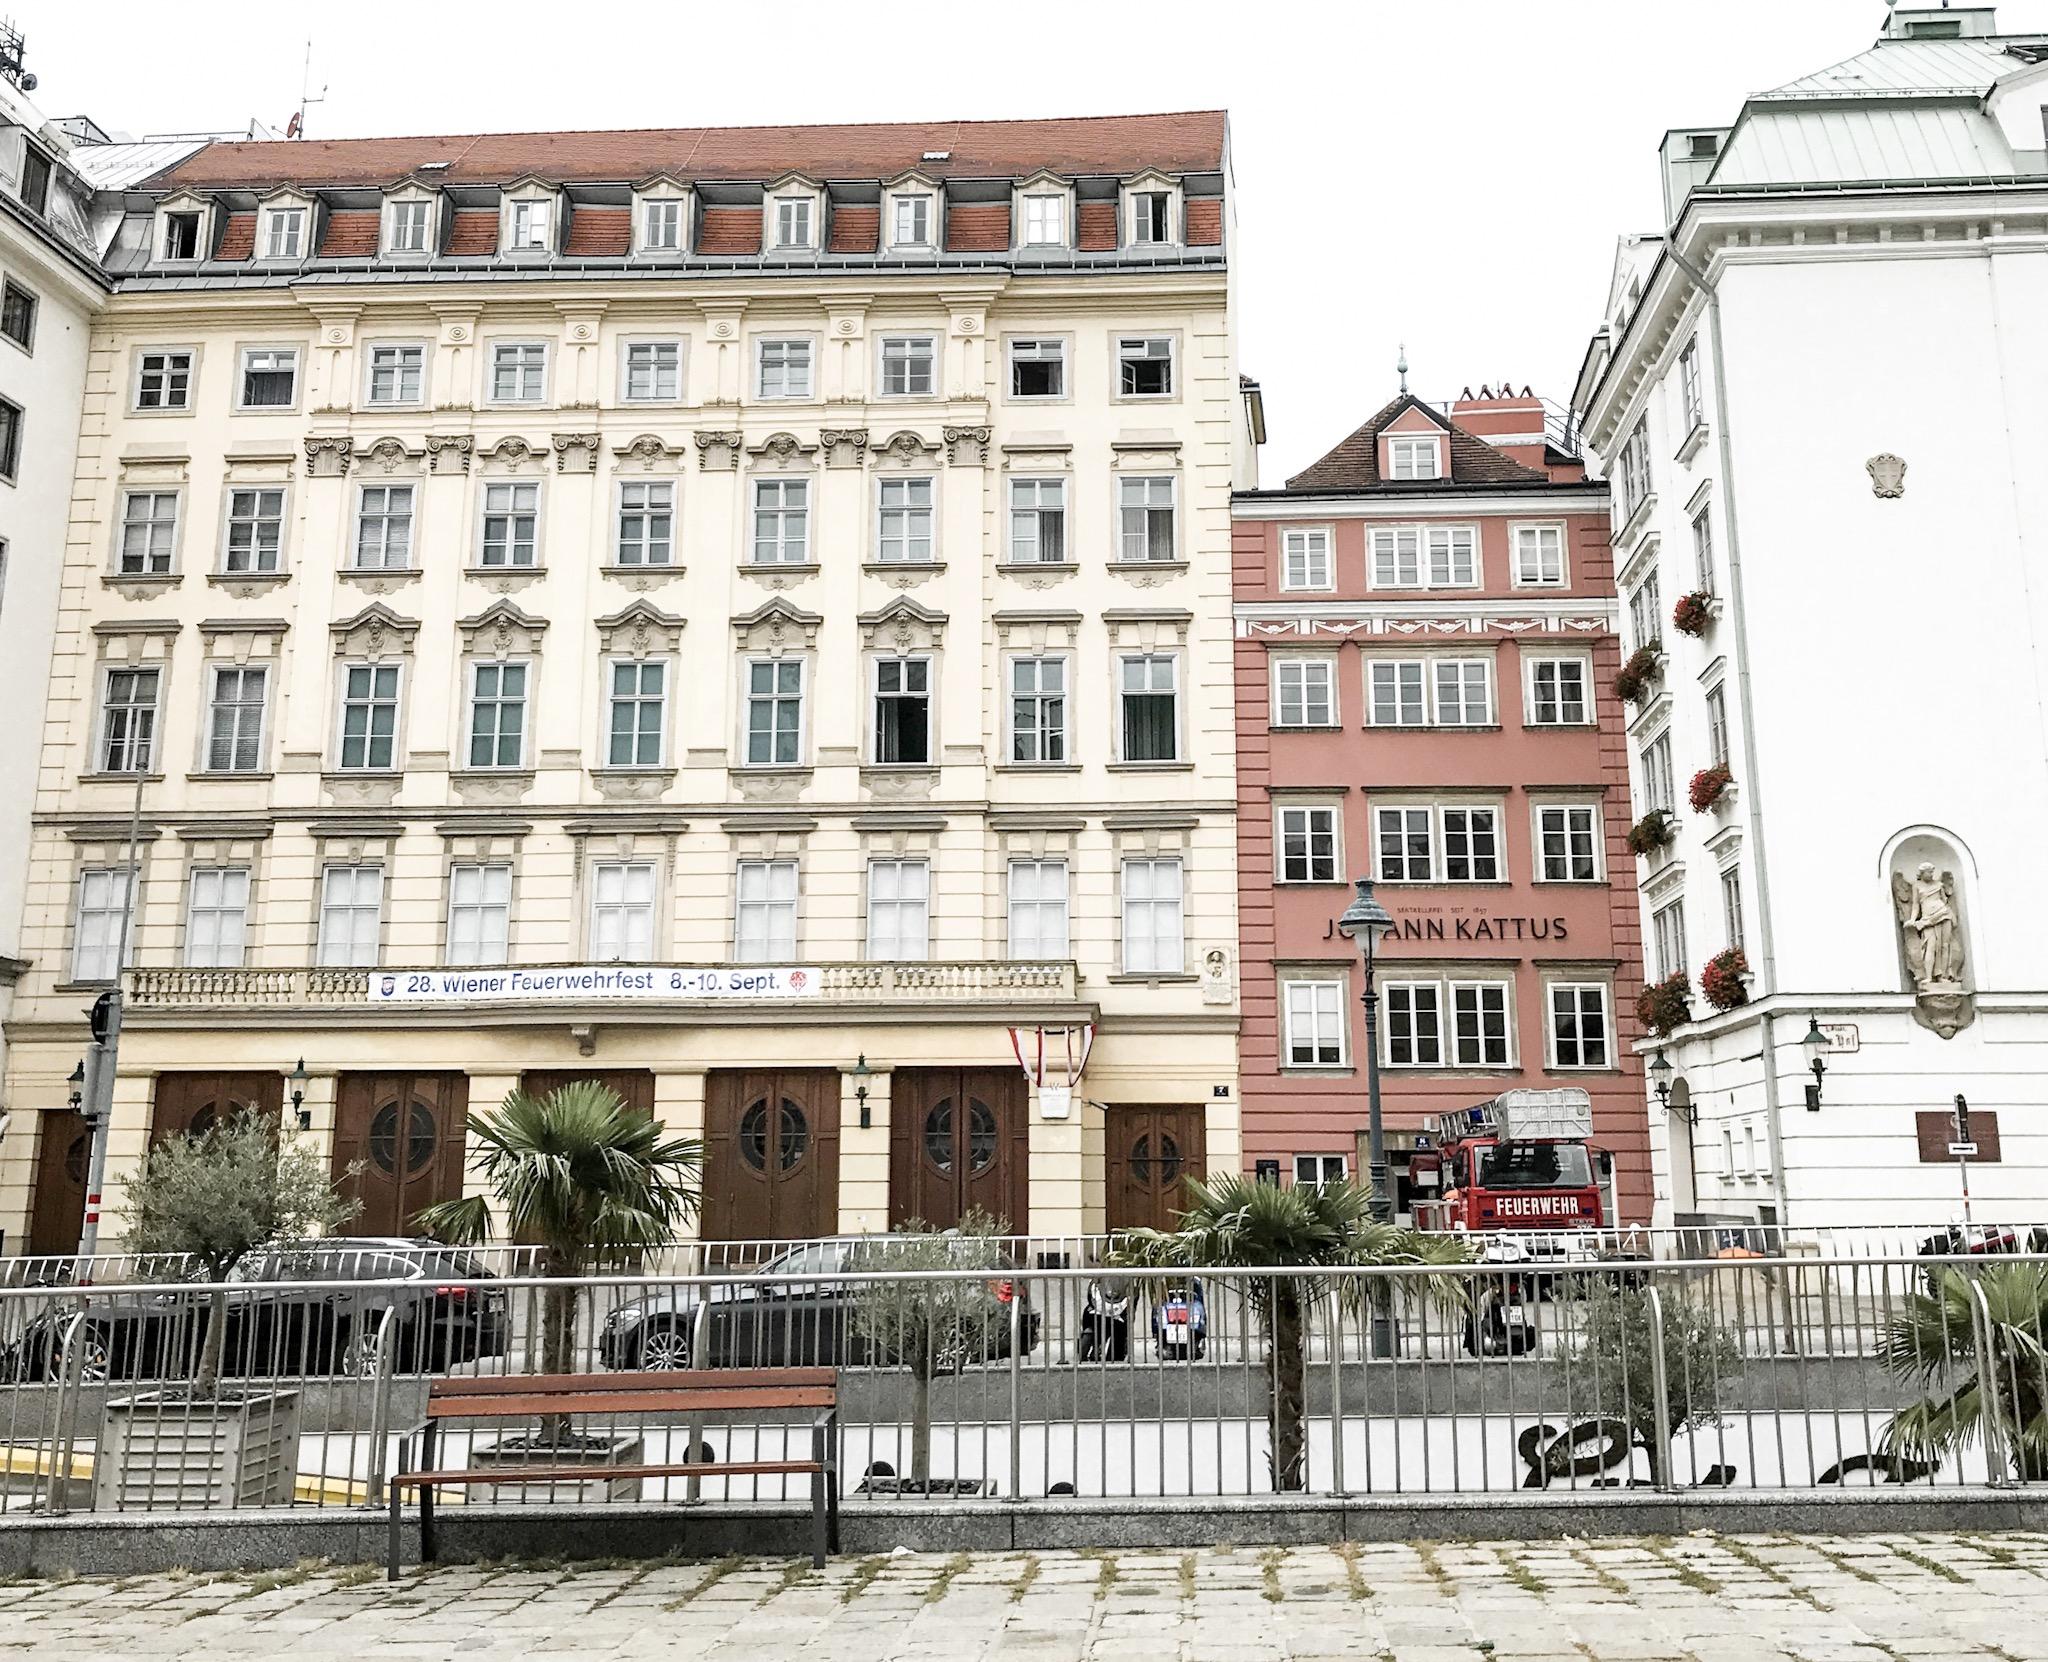 My Top 5 'Bests' of Vienna